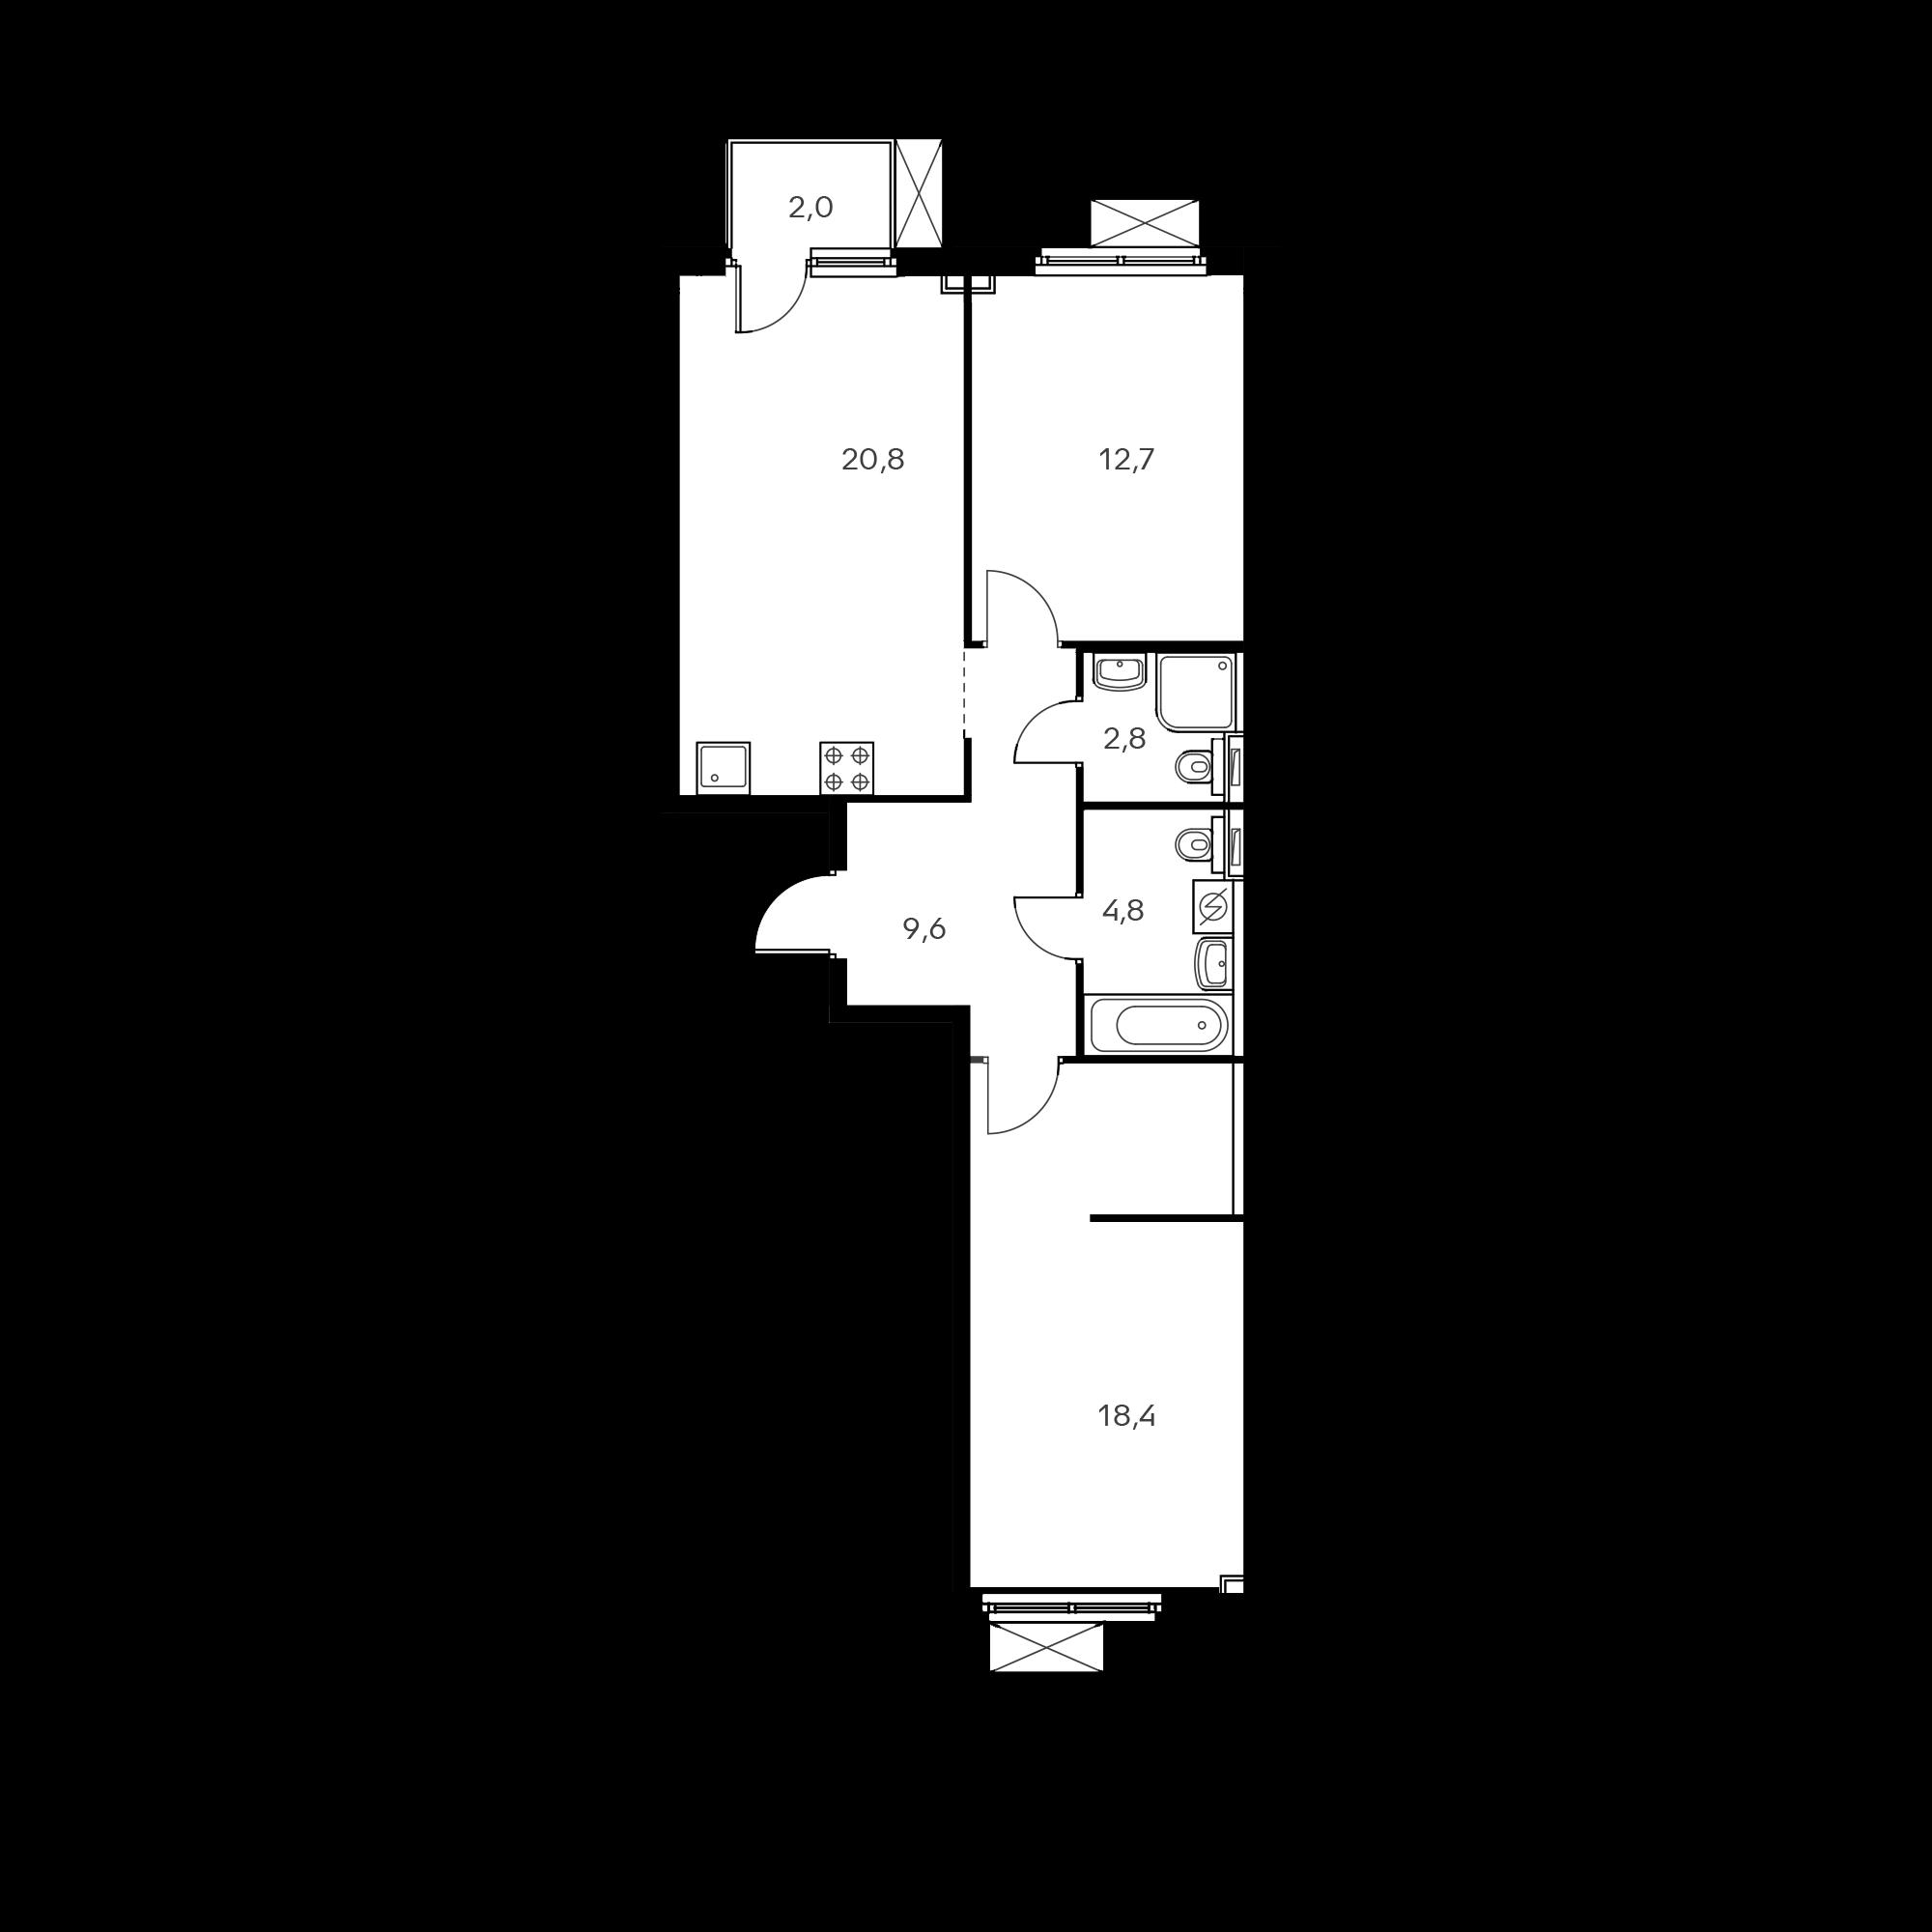 2EL3_6.9-1_T_B(K-2,0)